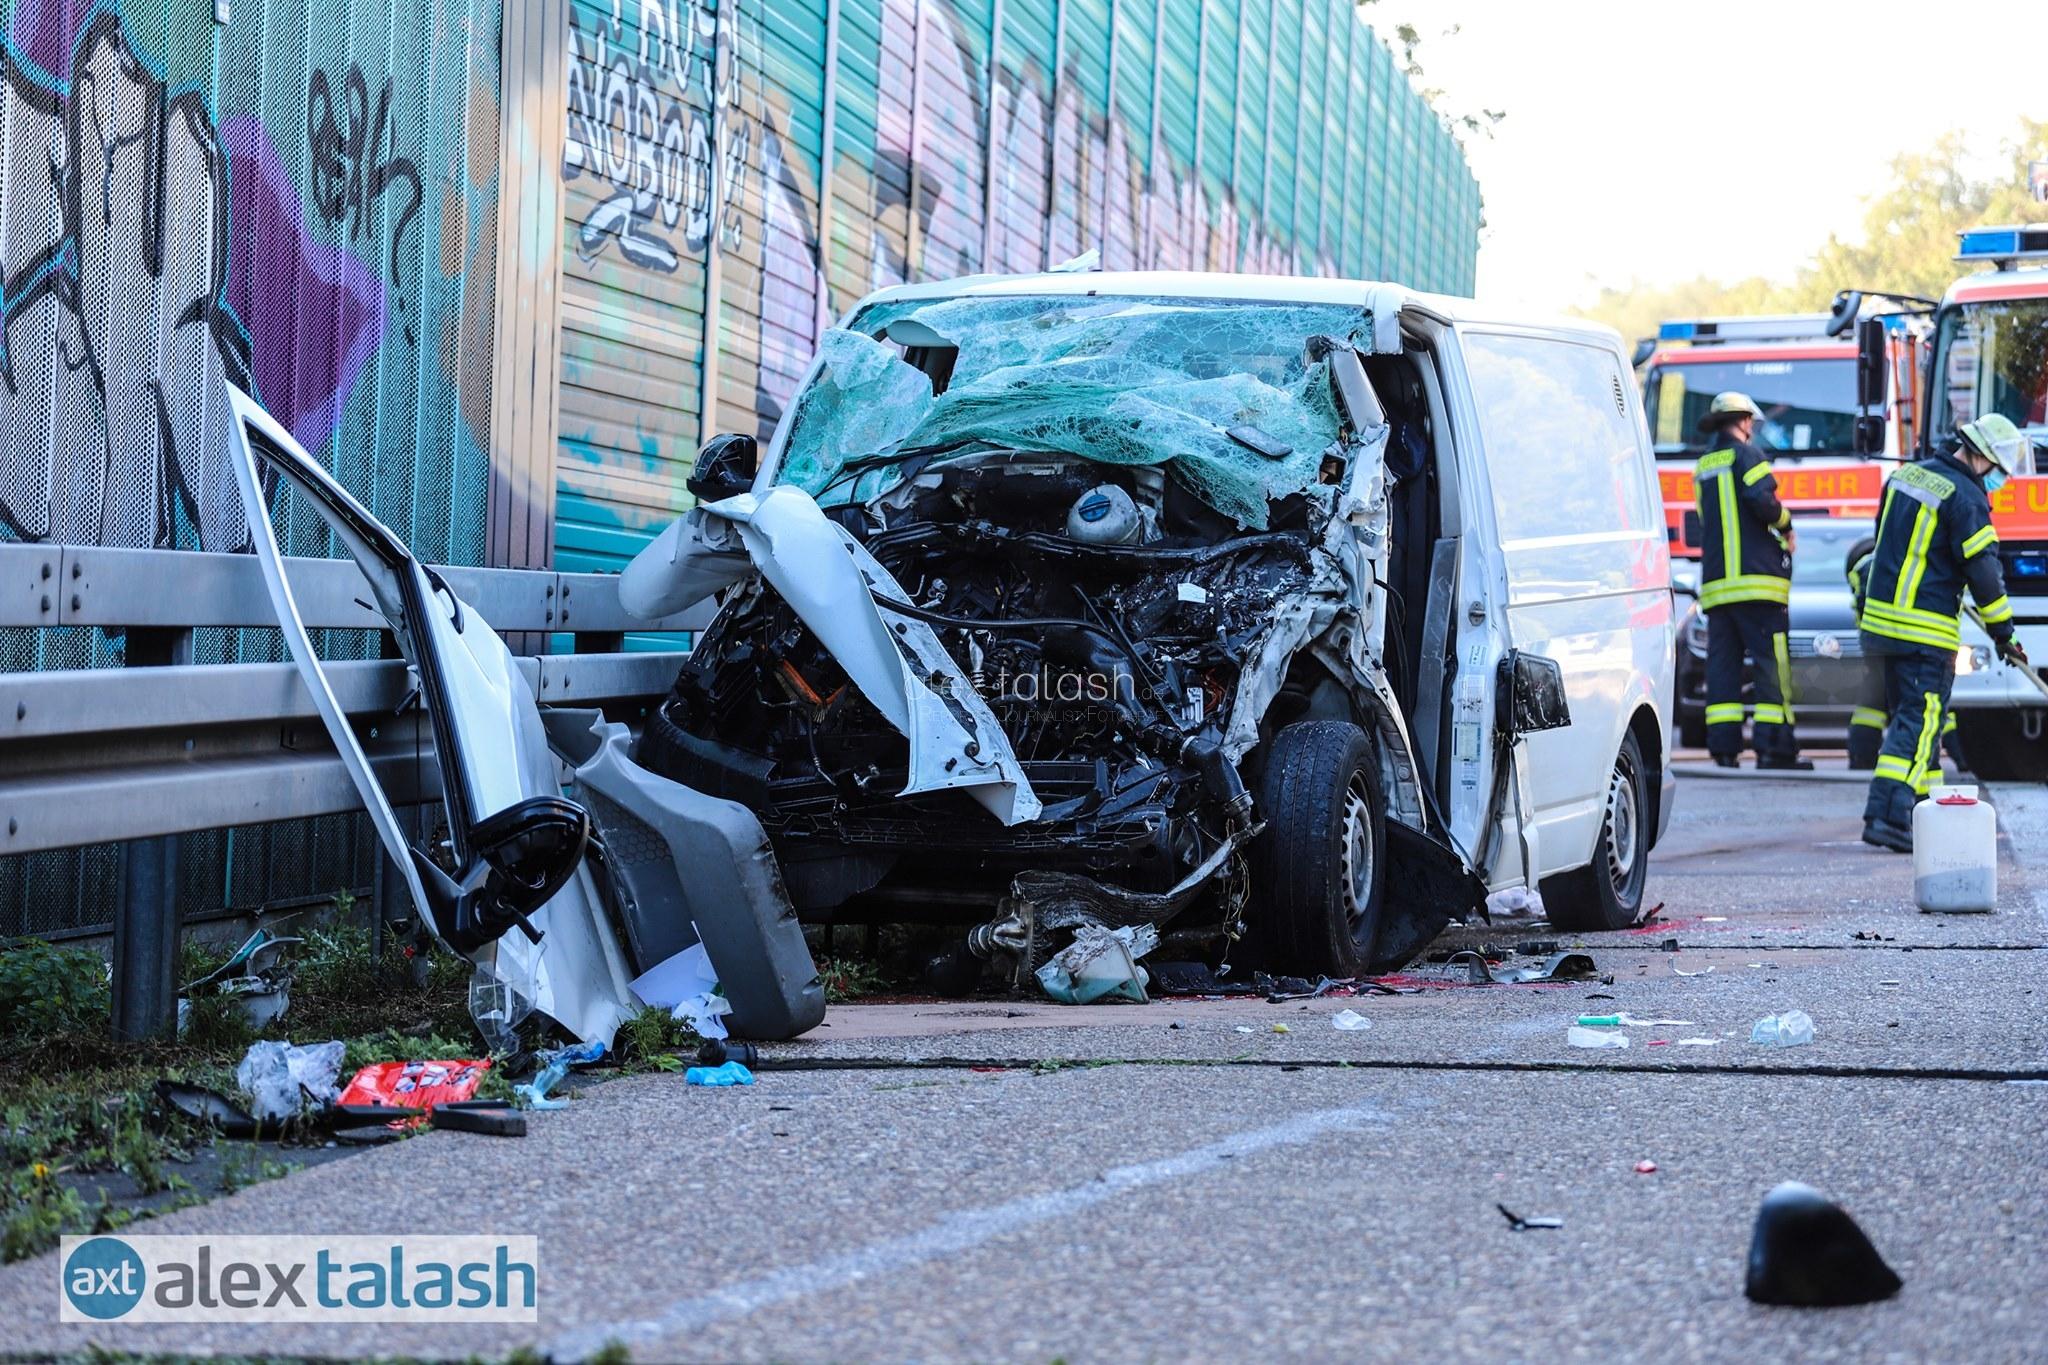 Unfall auf A45: Transporter fährt ungebremst auf Lkw – Rettungshubschrauber im Einsatz